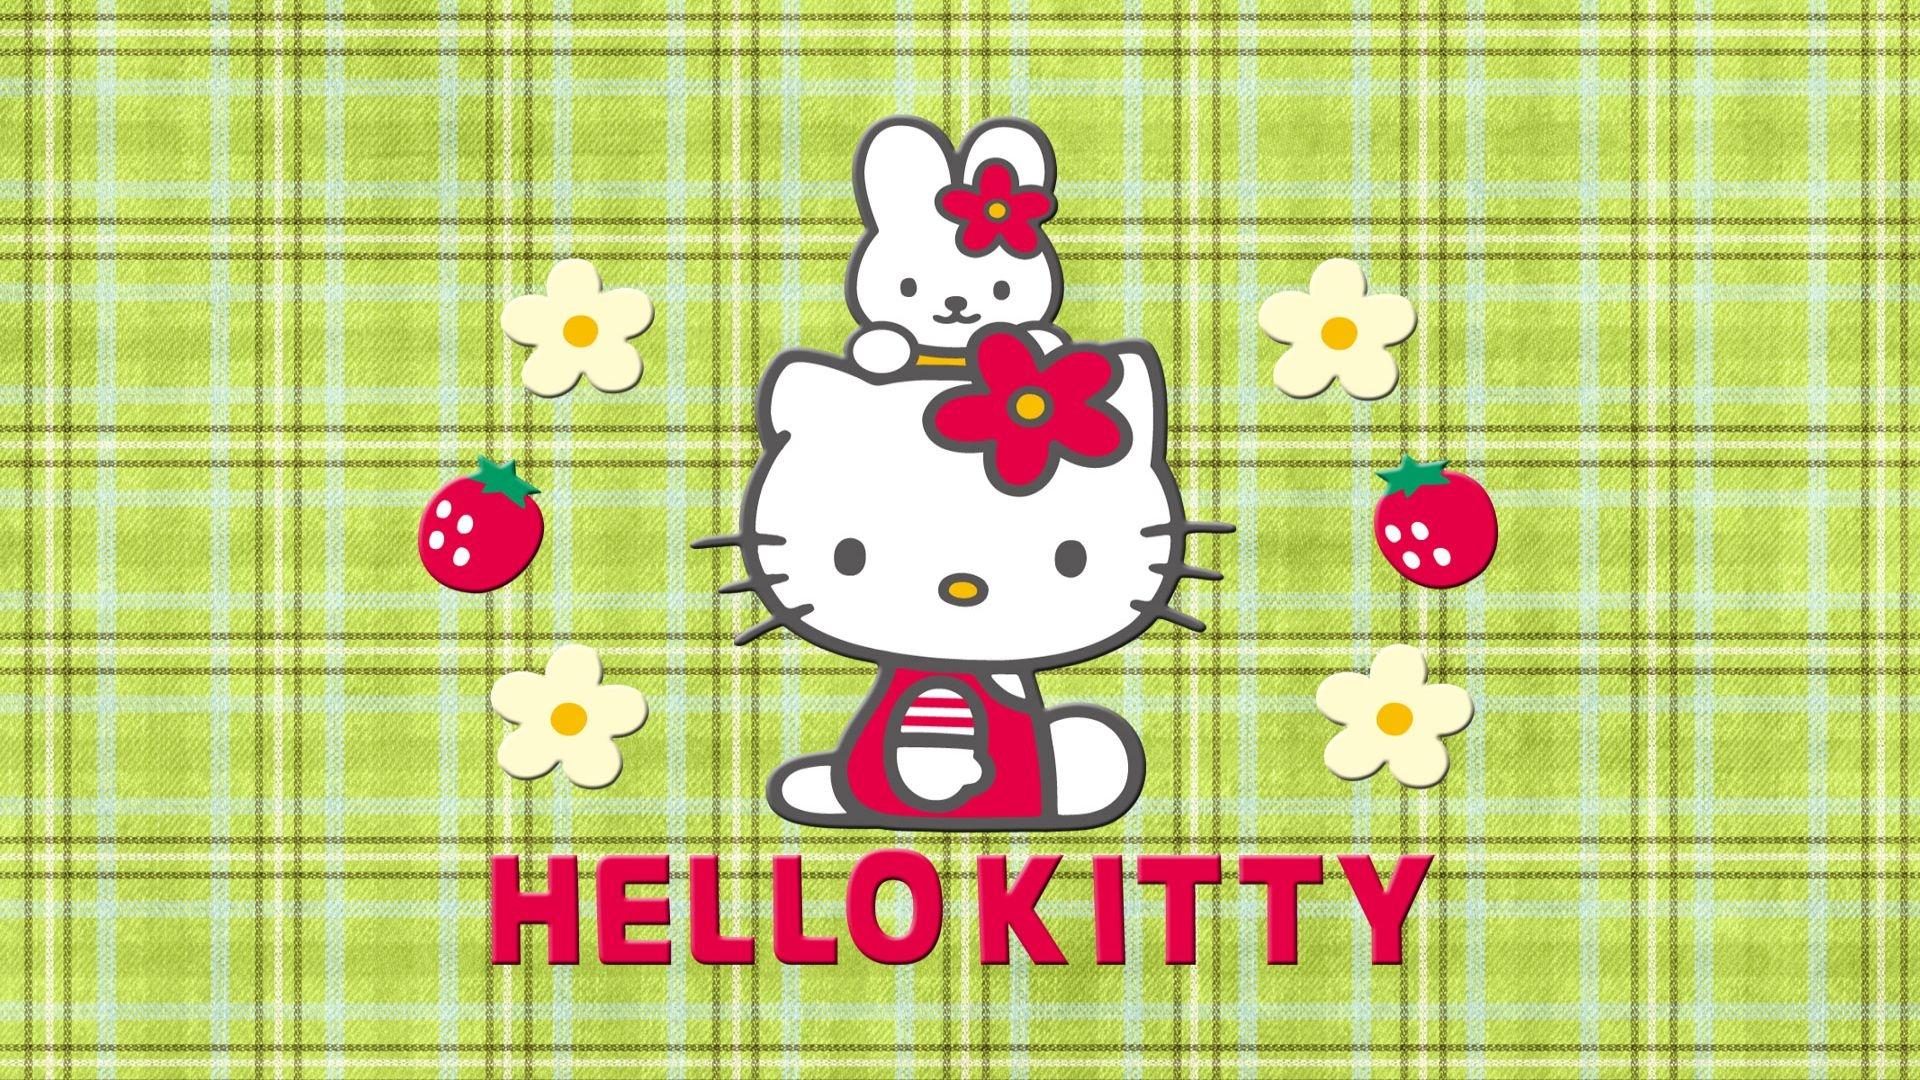 Anime Hello Kitty 1920x1080